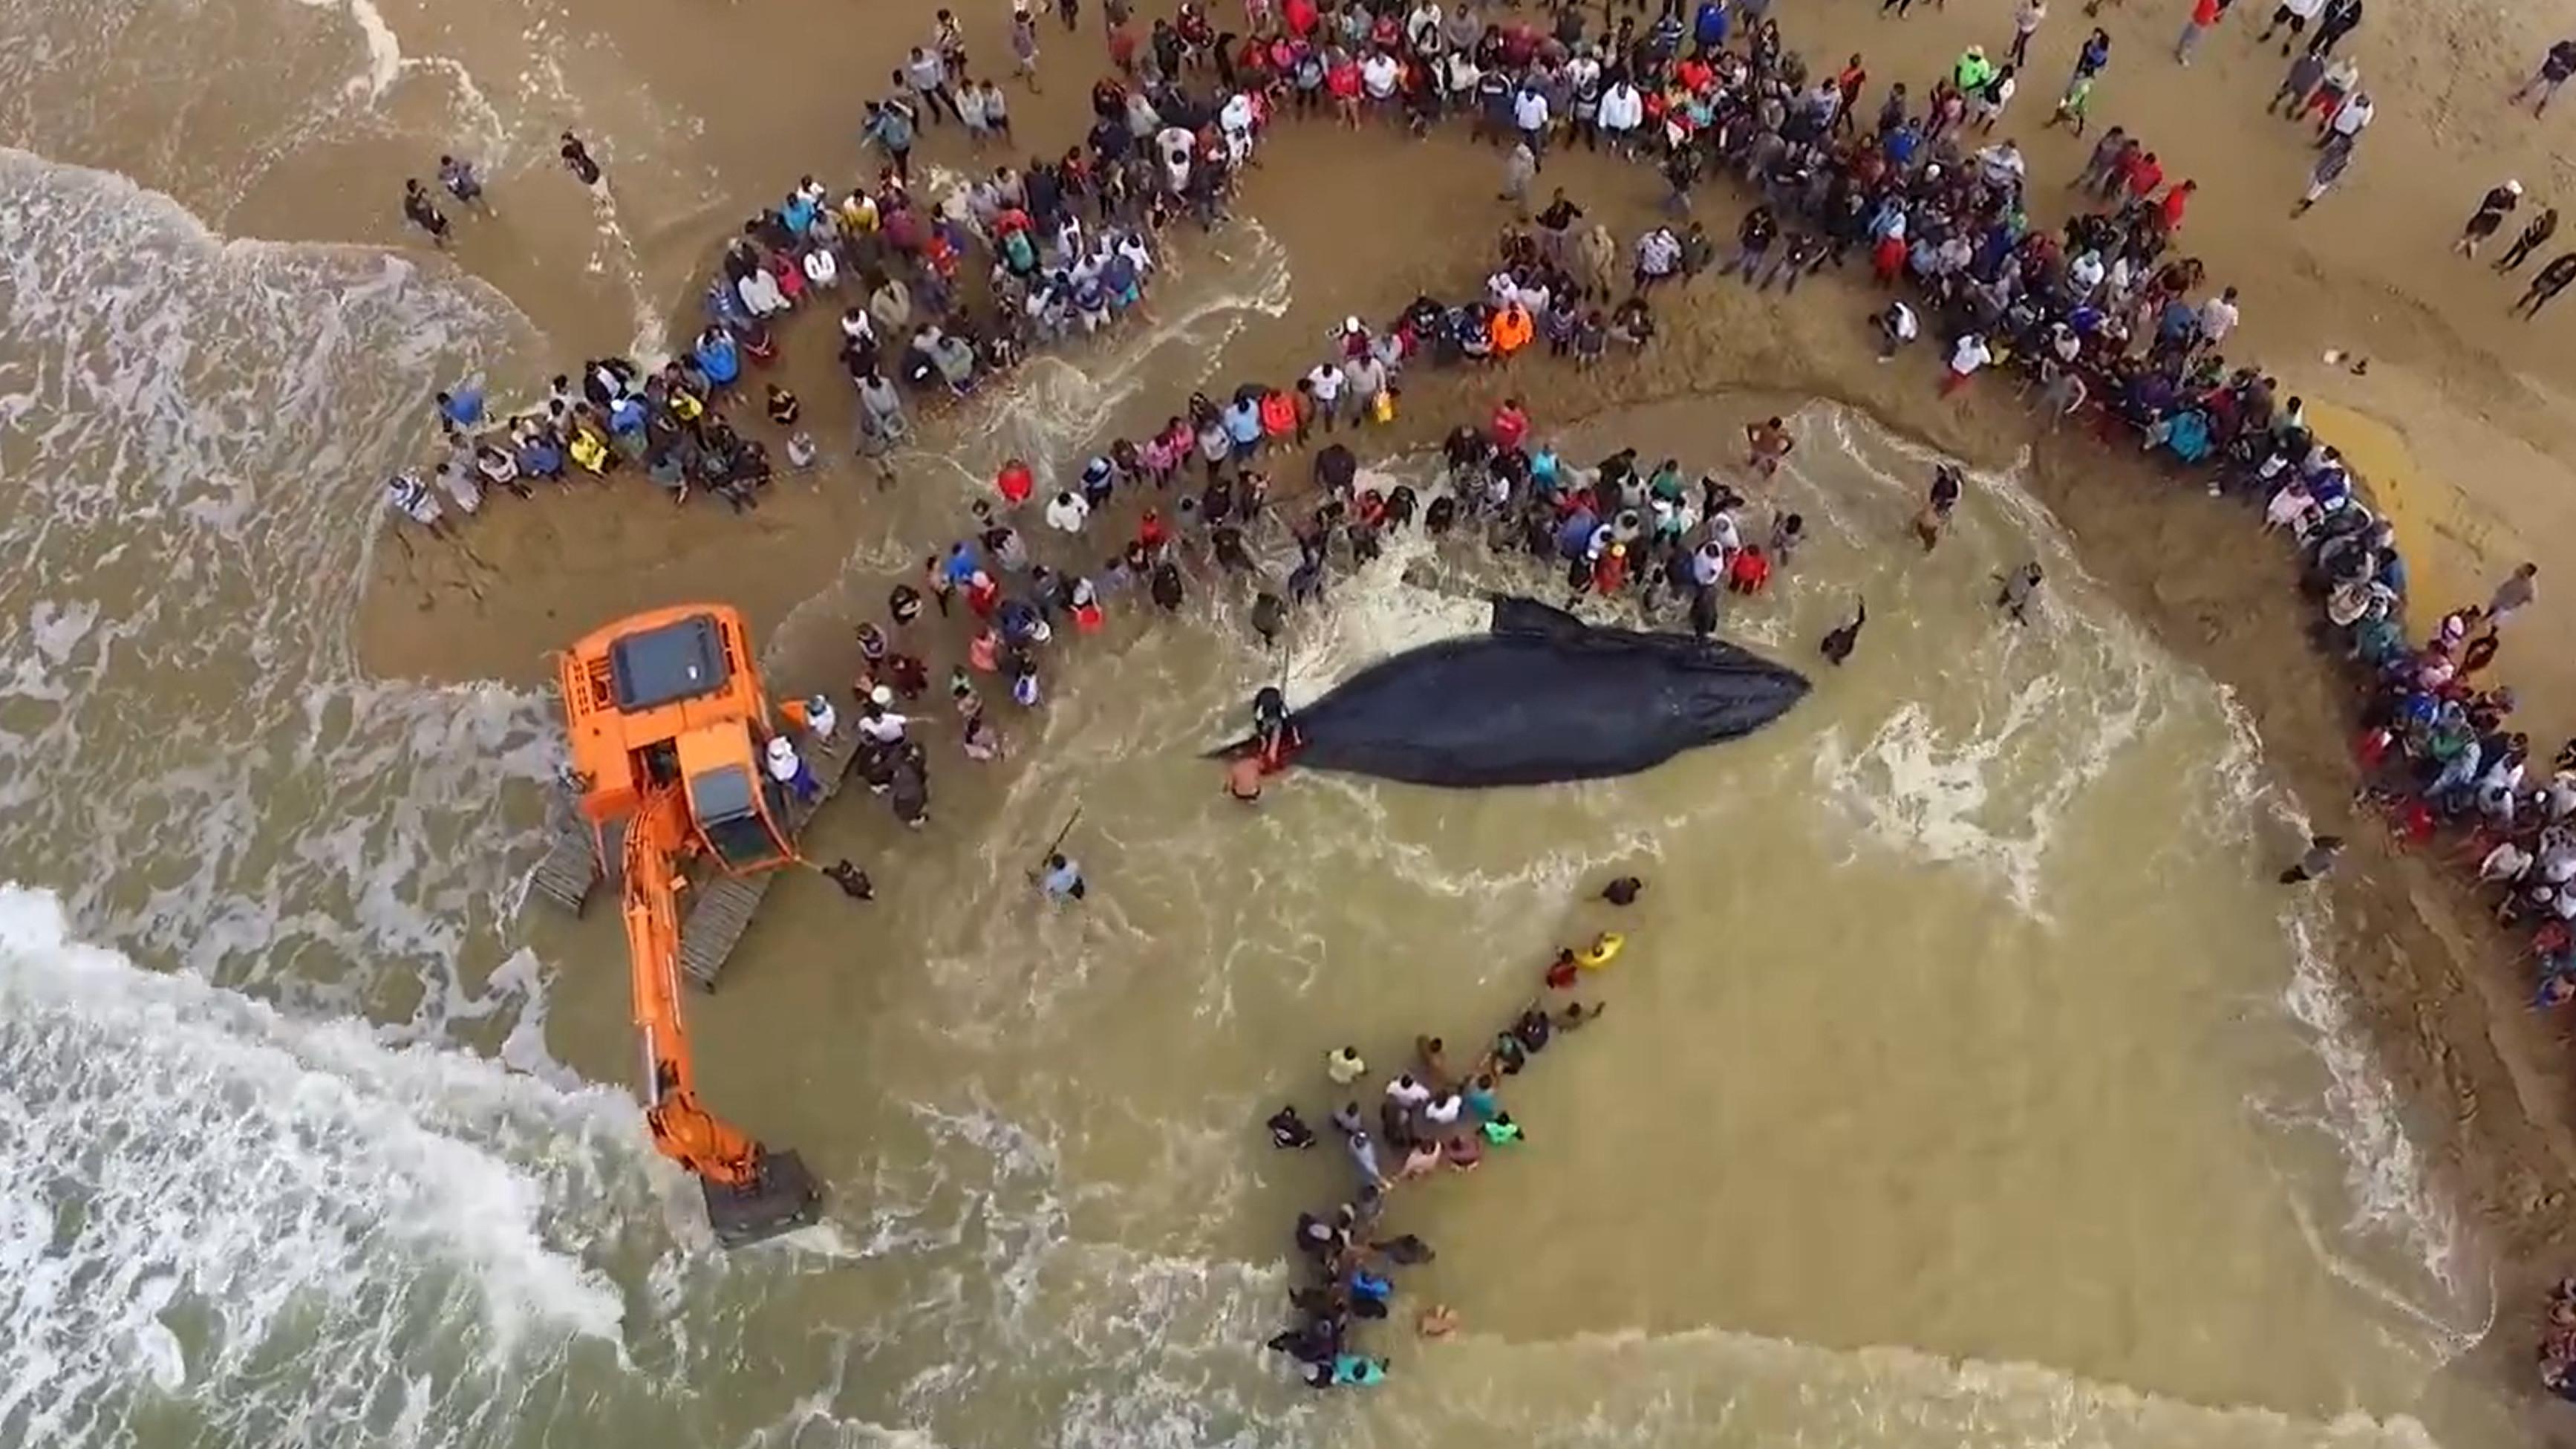 Baleia de 7 toneladas é salva após 20 horas encalhada